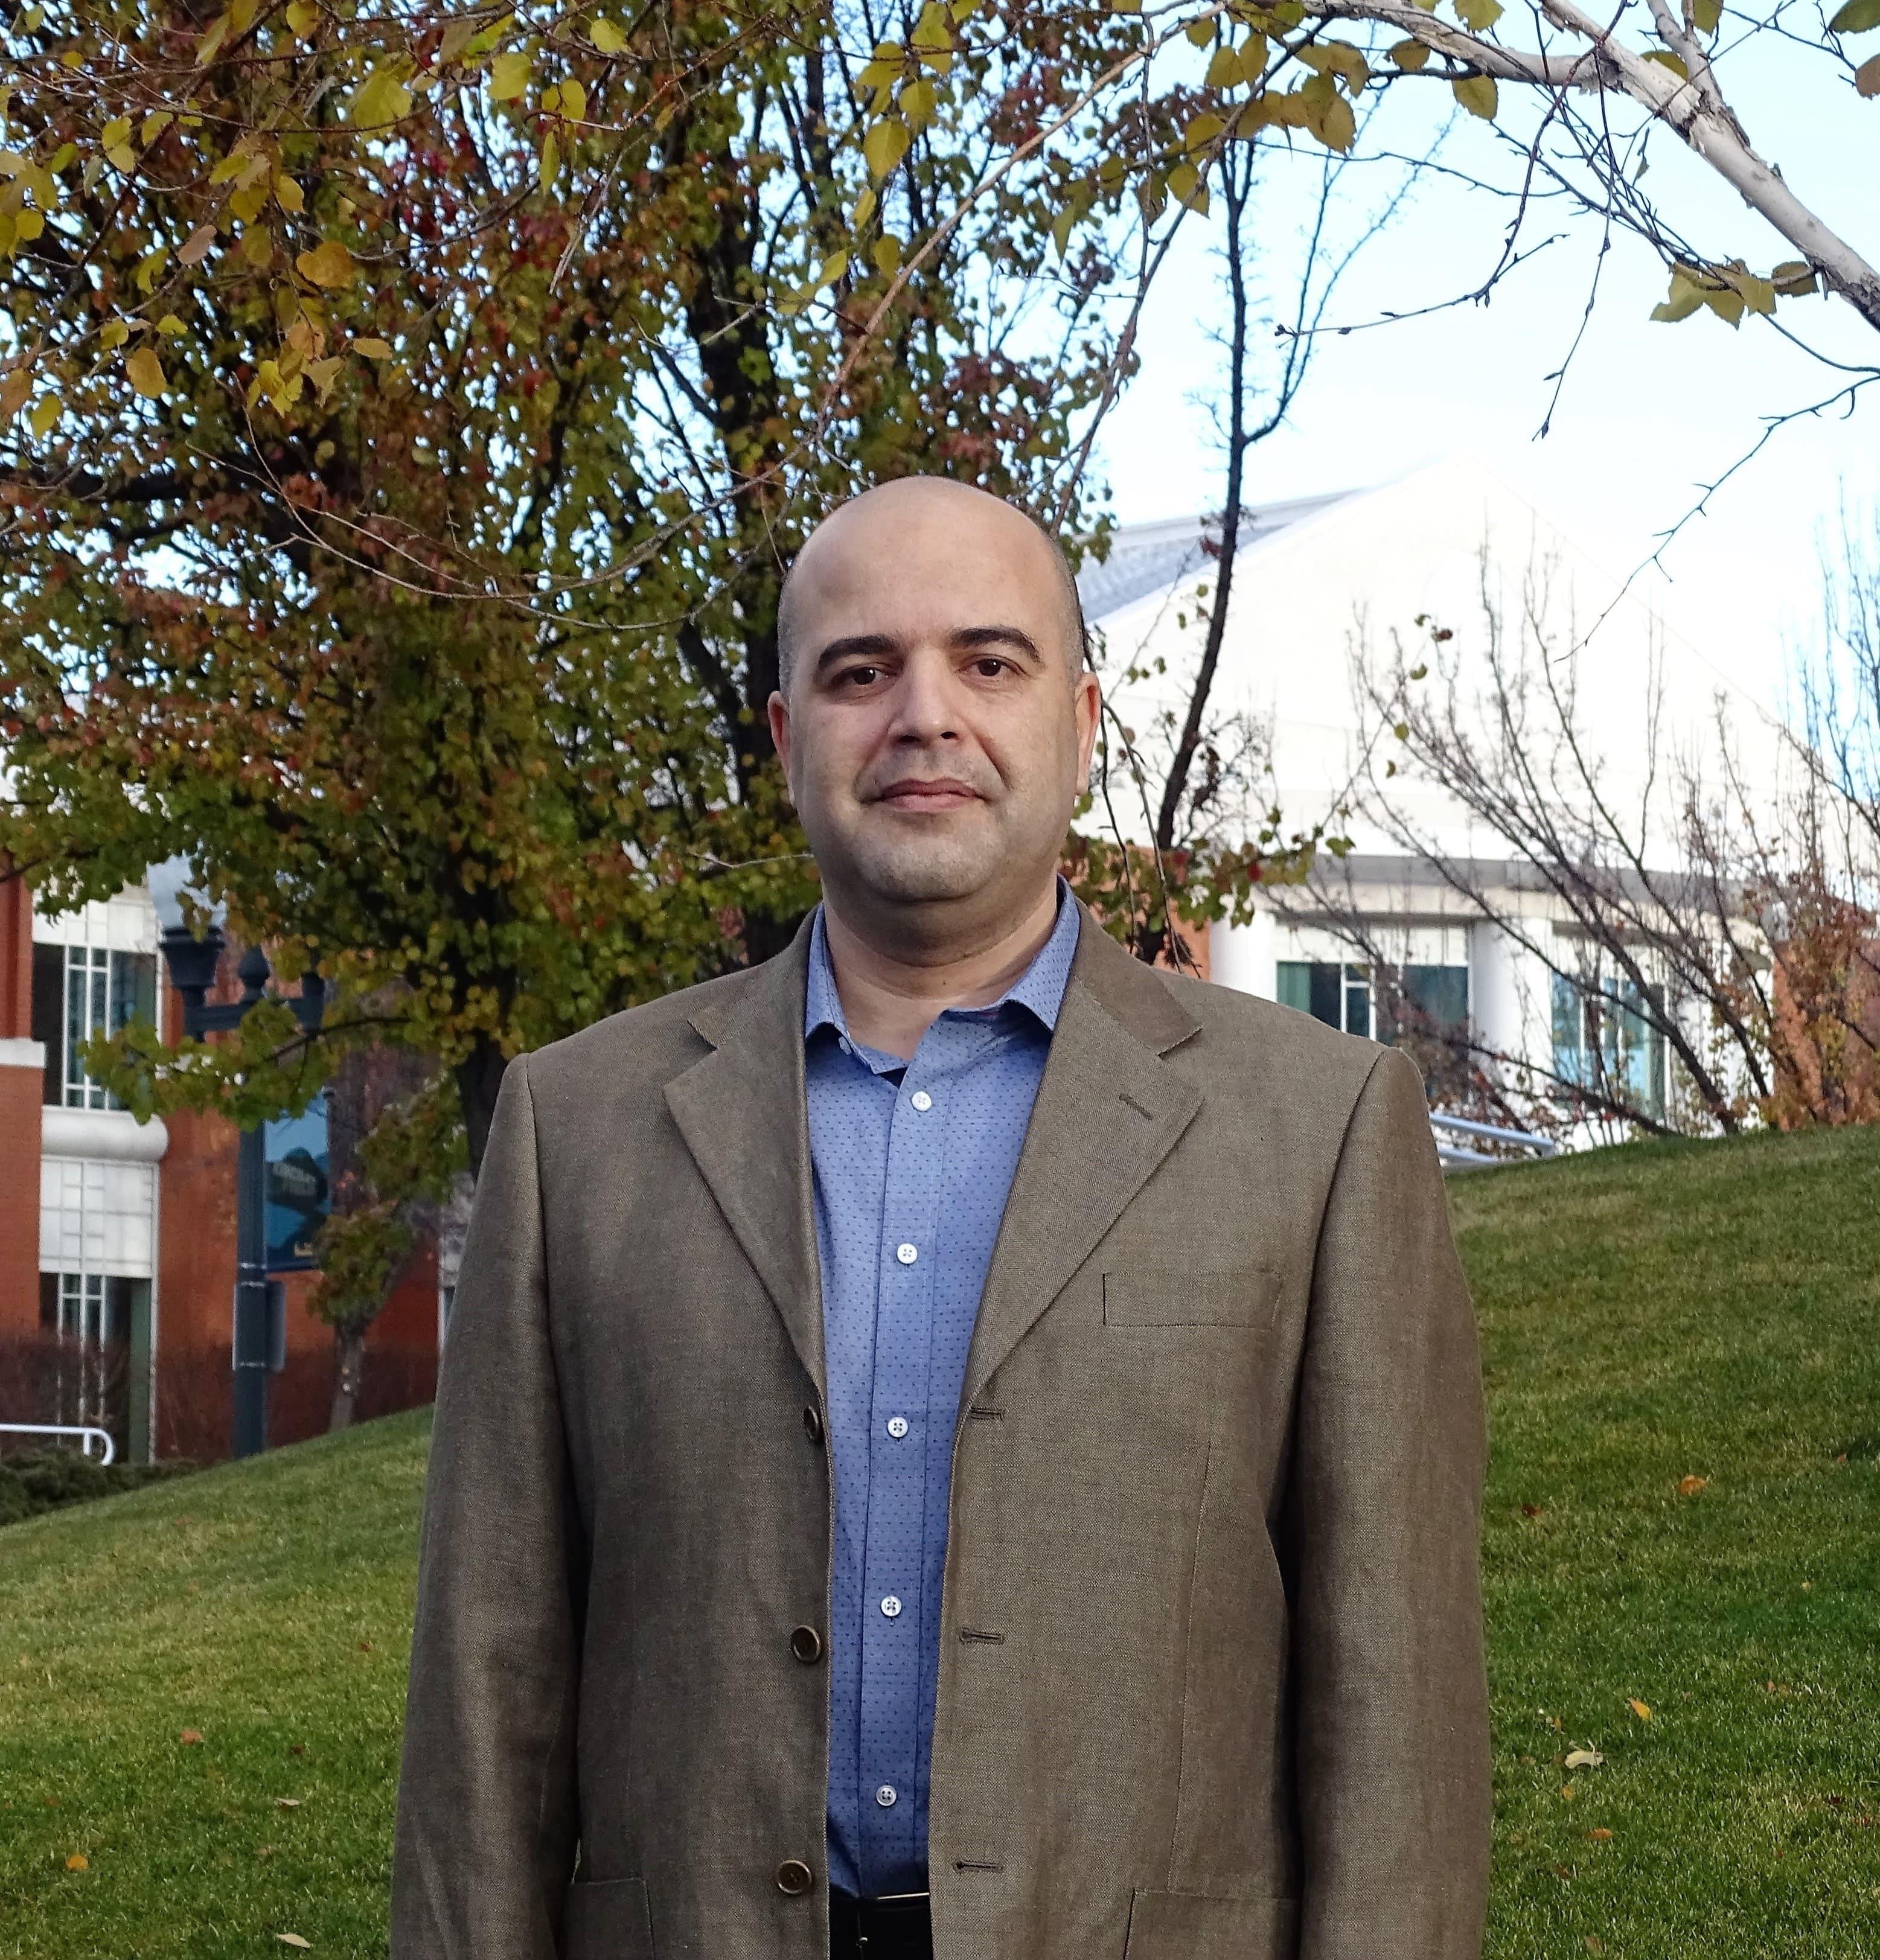 Adel Elfayoumy